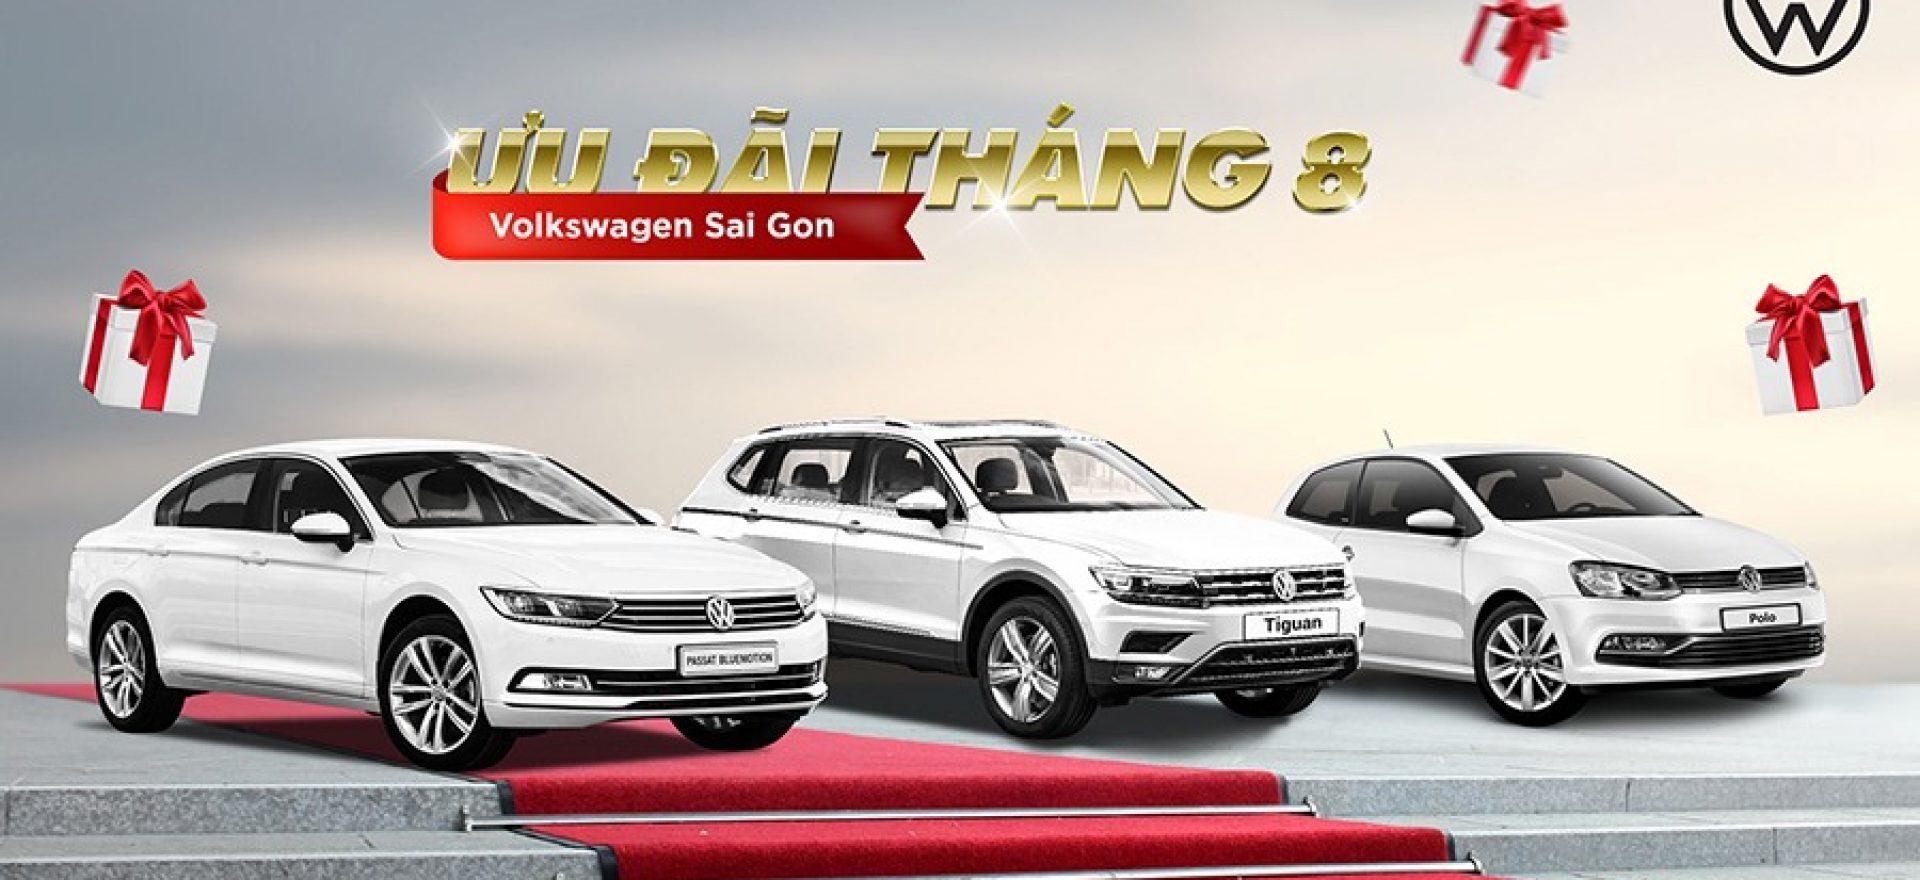 Volkswagen-truong-chinh-khuyen-mai-lon-khi-mua-xe-volkswagen-trong-thang-8